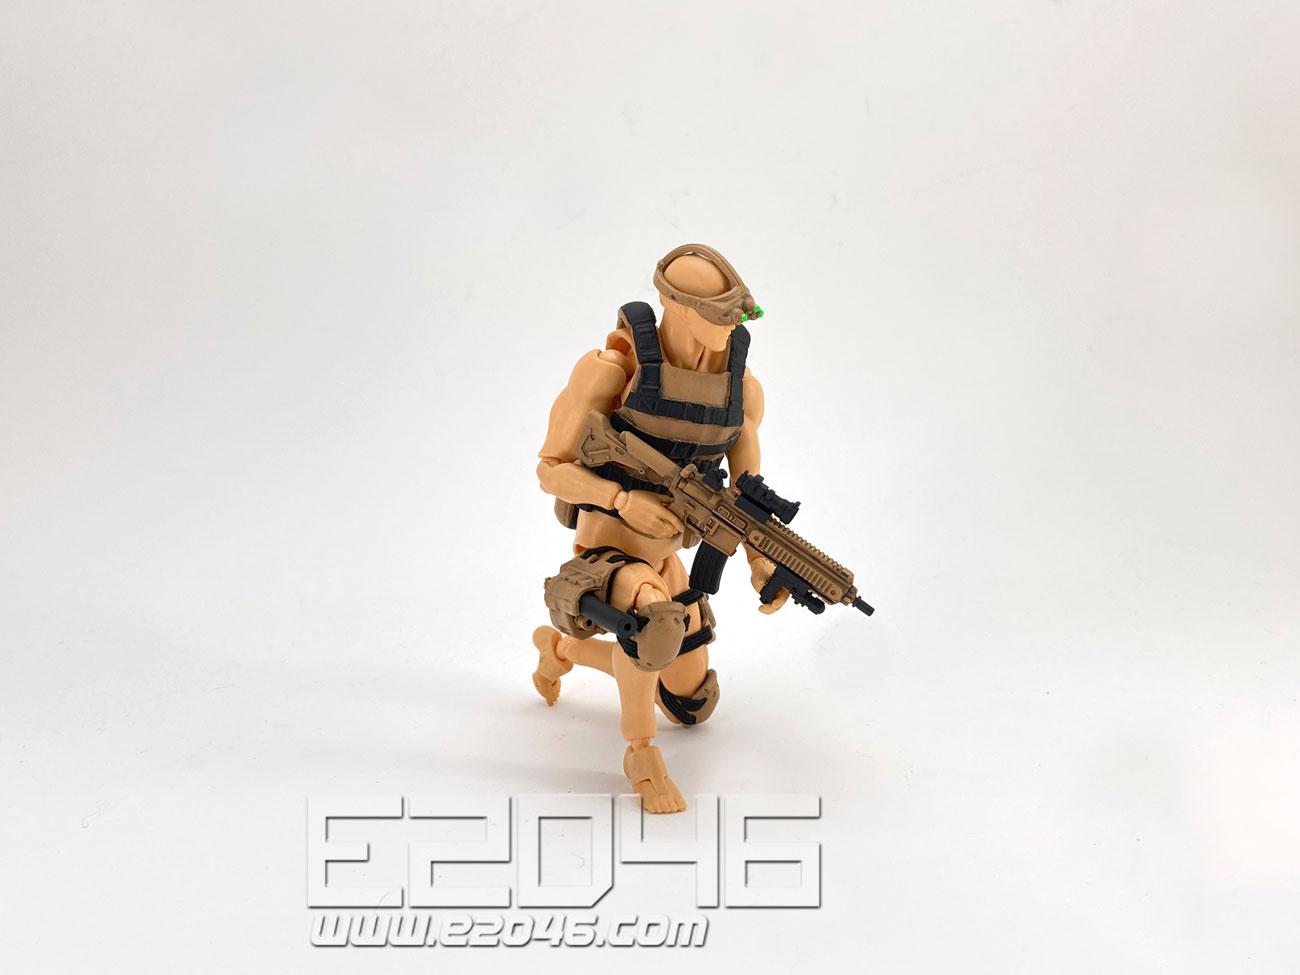 動作人物裝備套裝 B 沙漠版